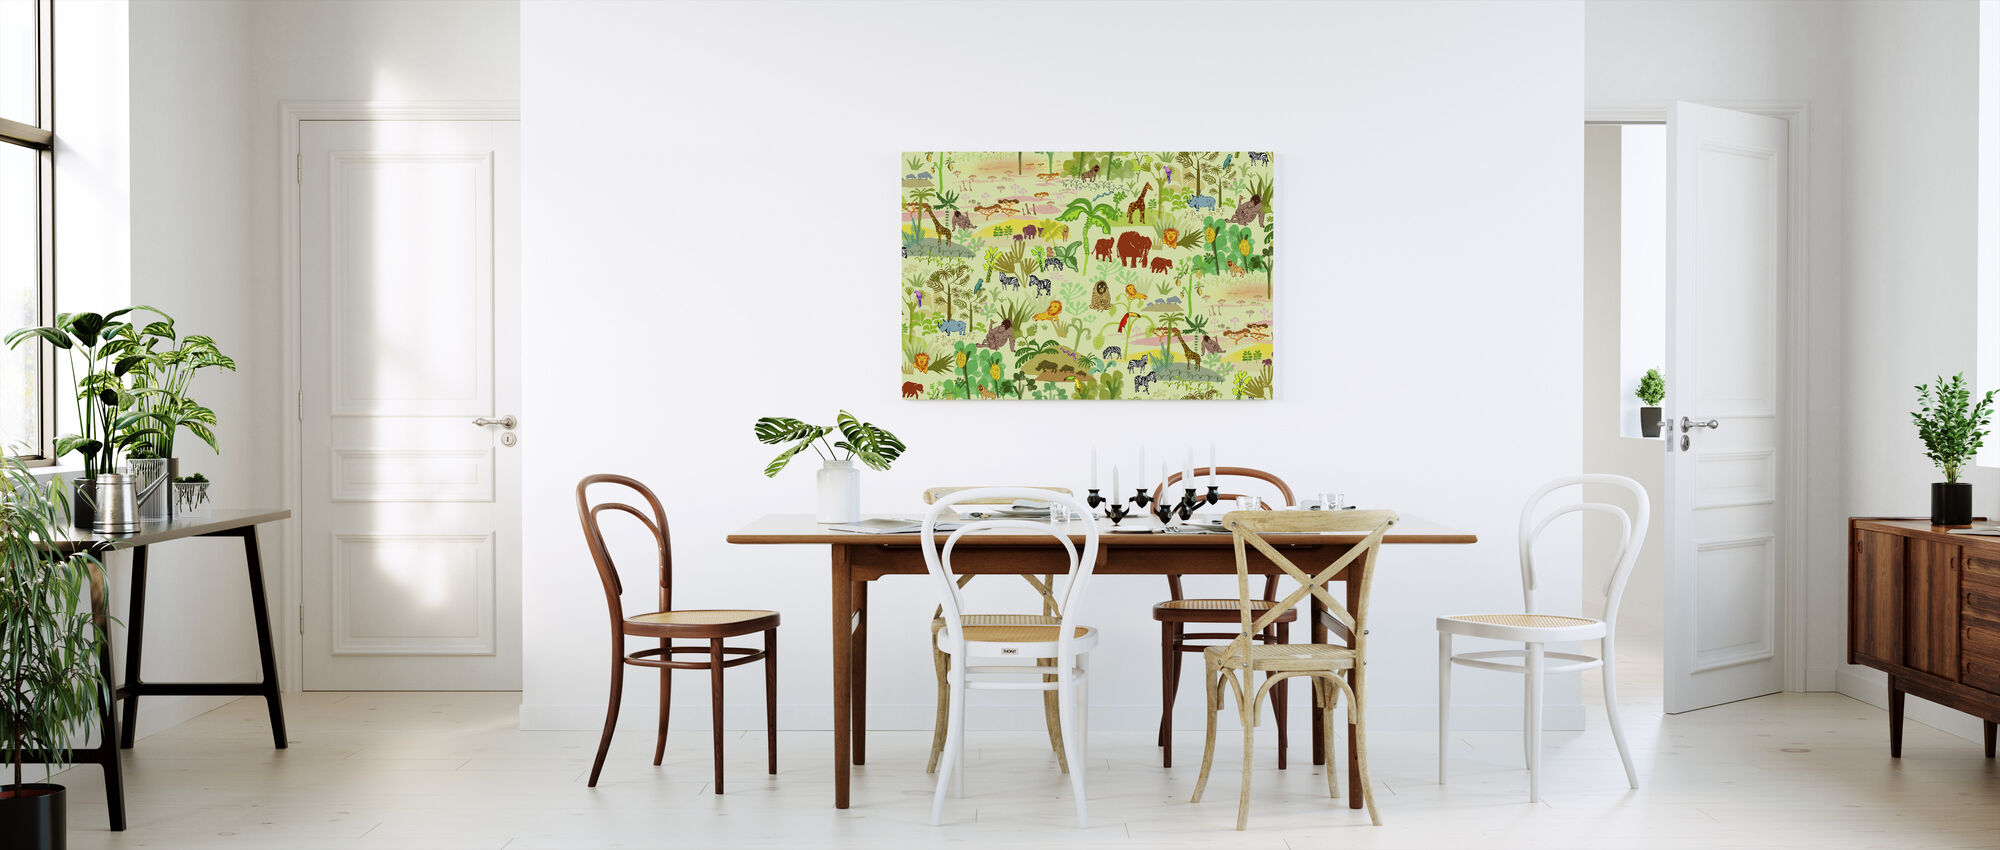 Serengeti mønster - Billede på lærred - Køkken